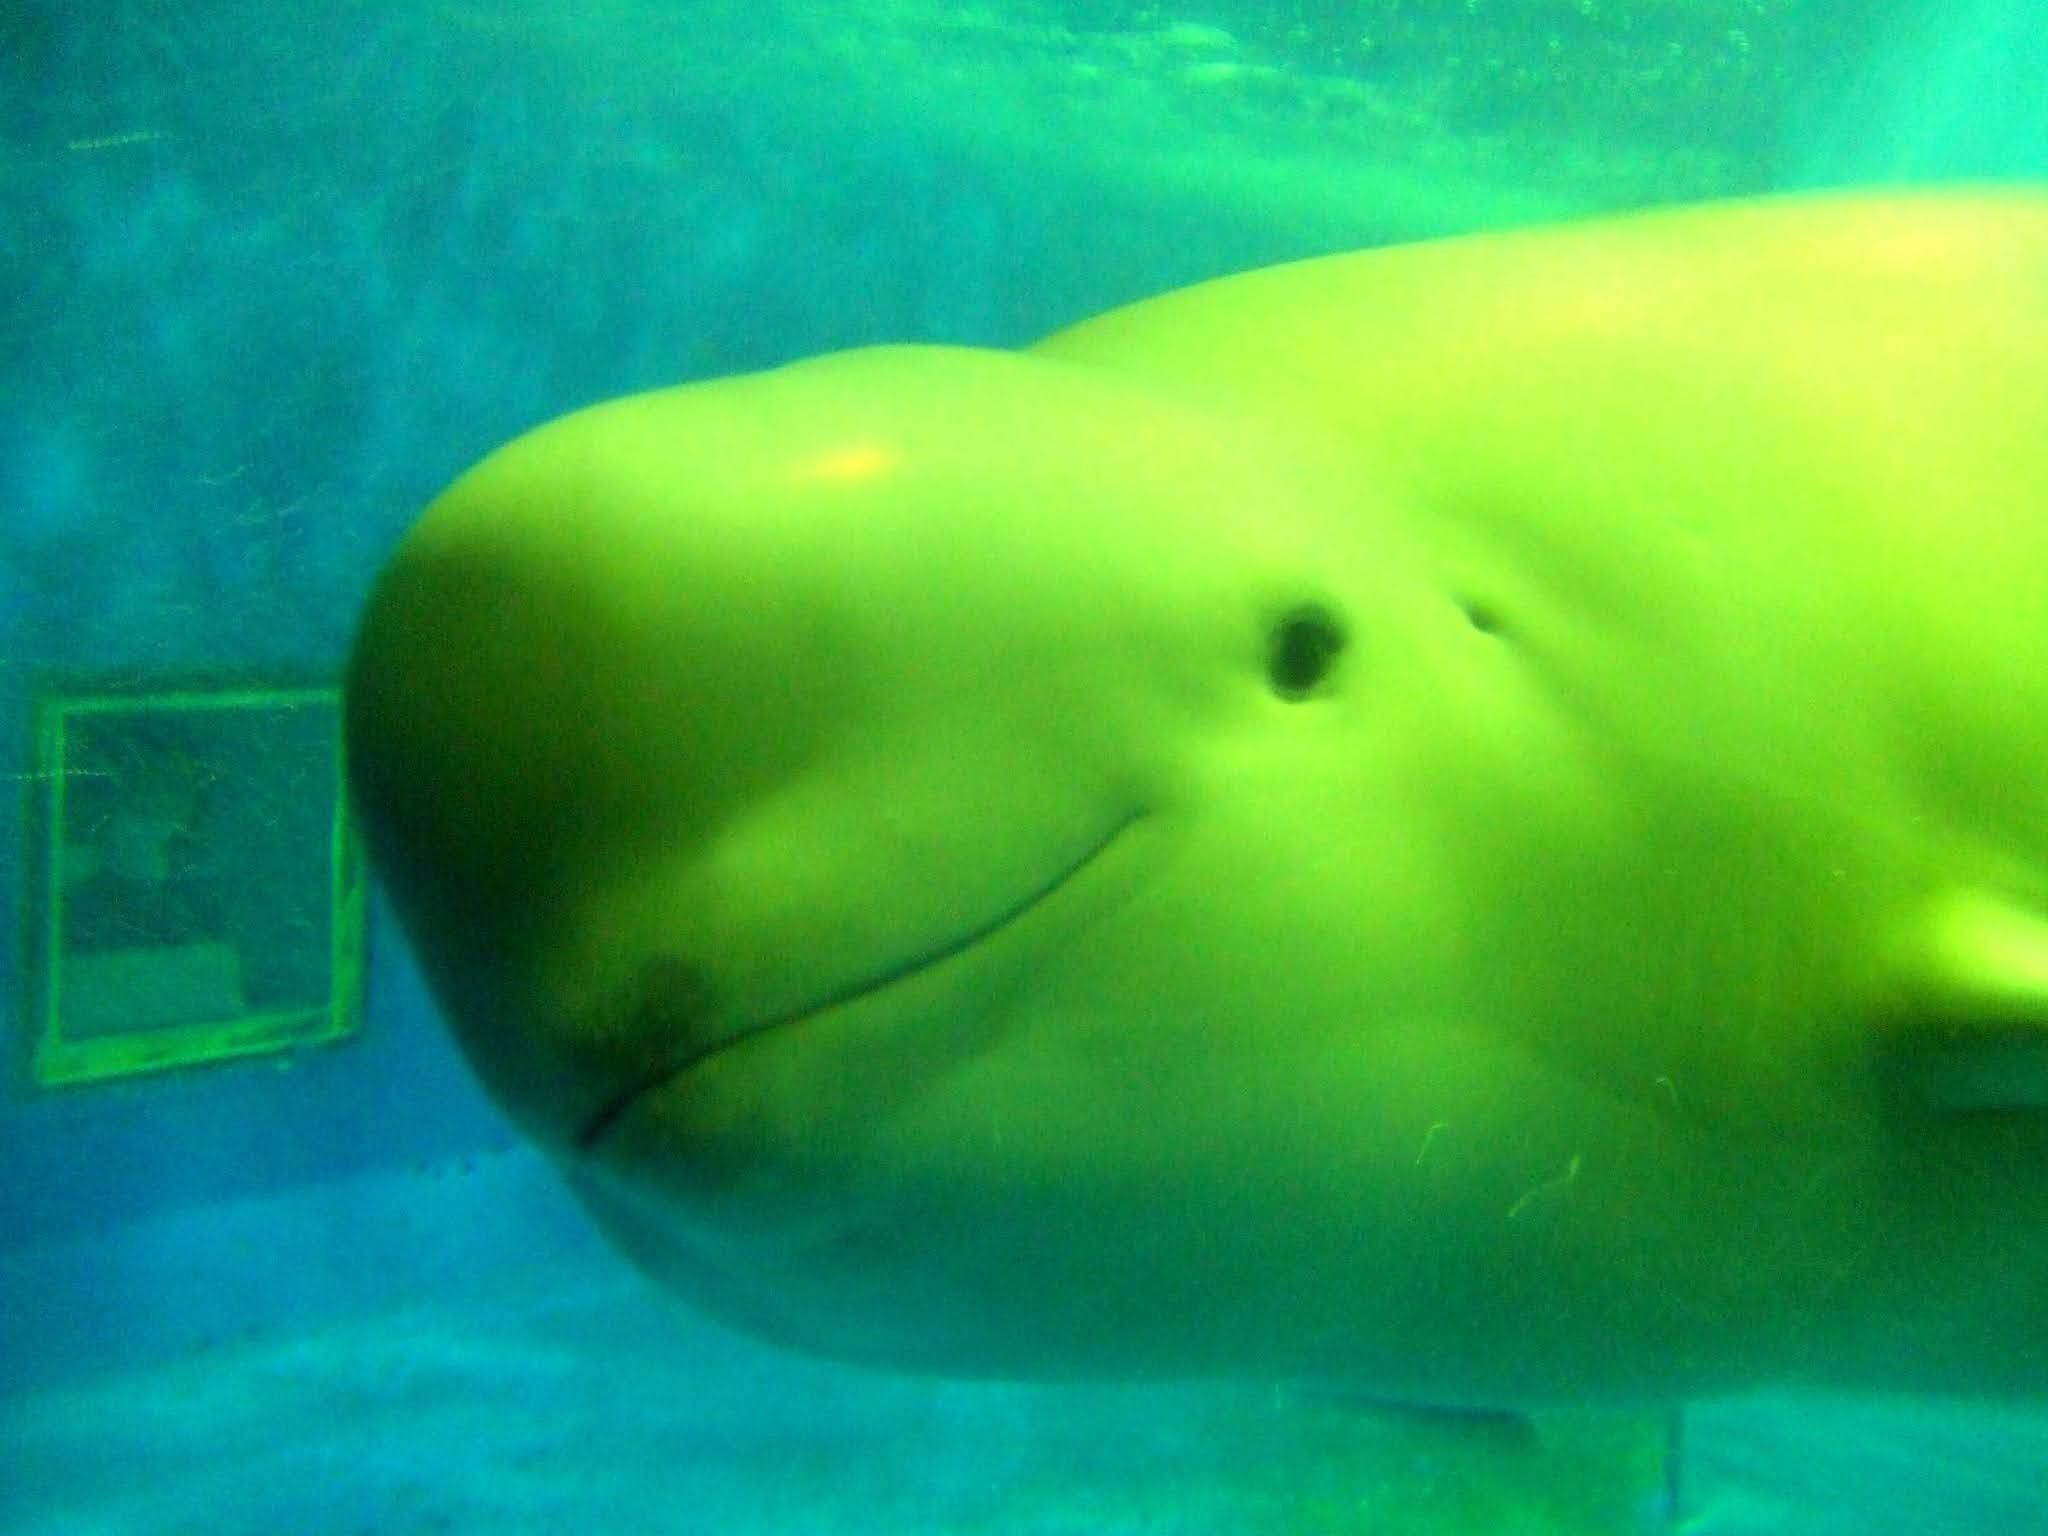 斜め横を向いて微笑む水族館のスナメリの写真素材です。